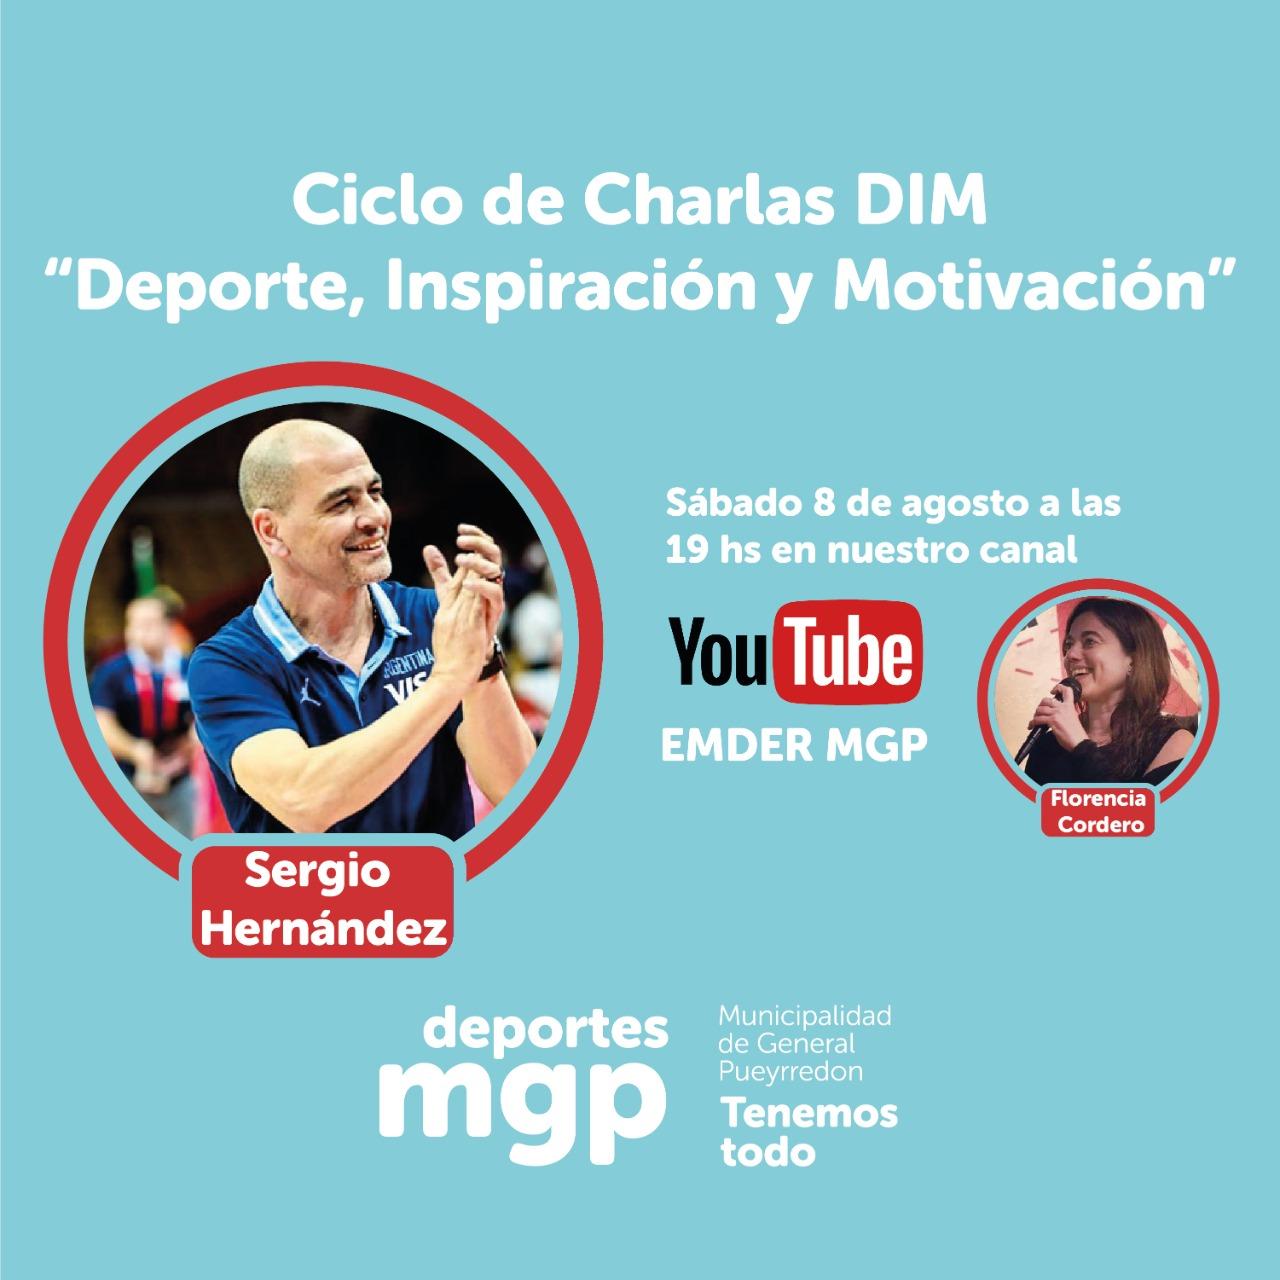 Comienzan las Charlas DIM con Sergio Hernández